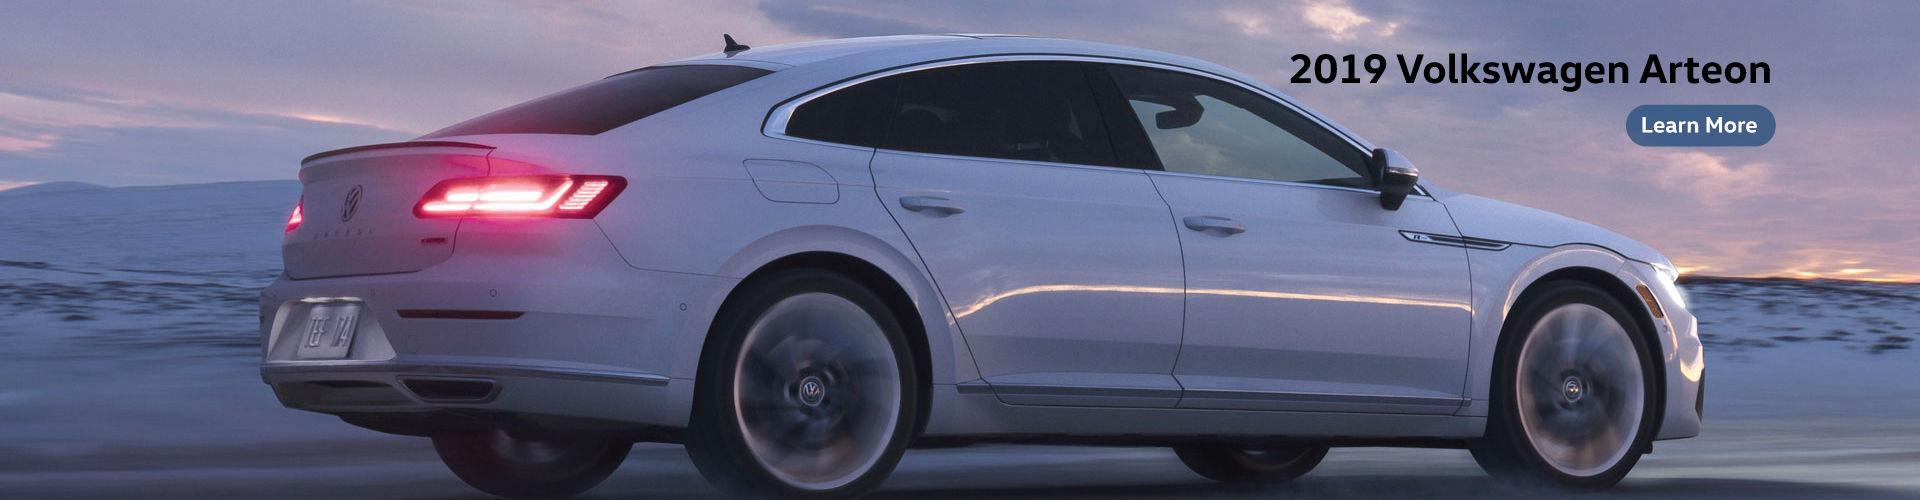 2019 VW Arteon